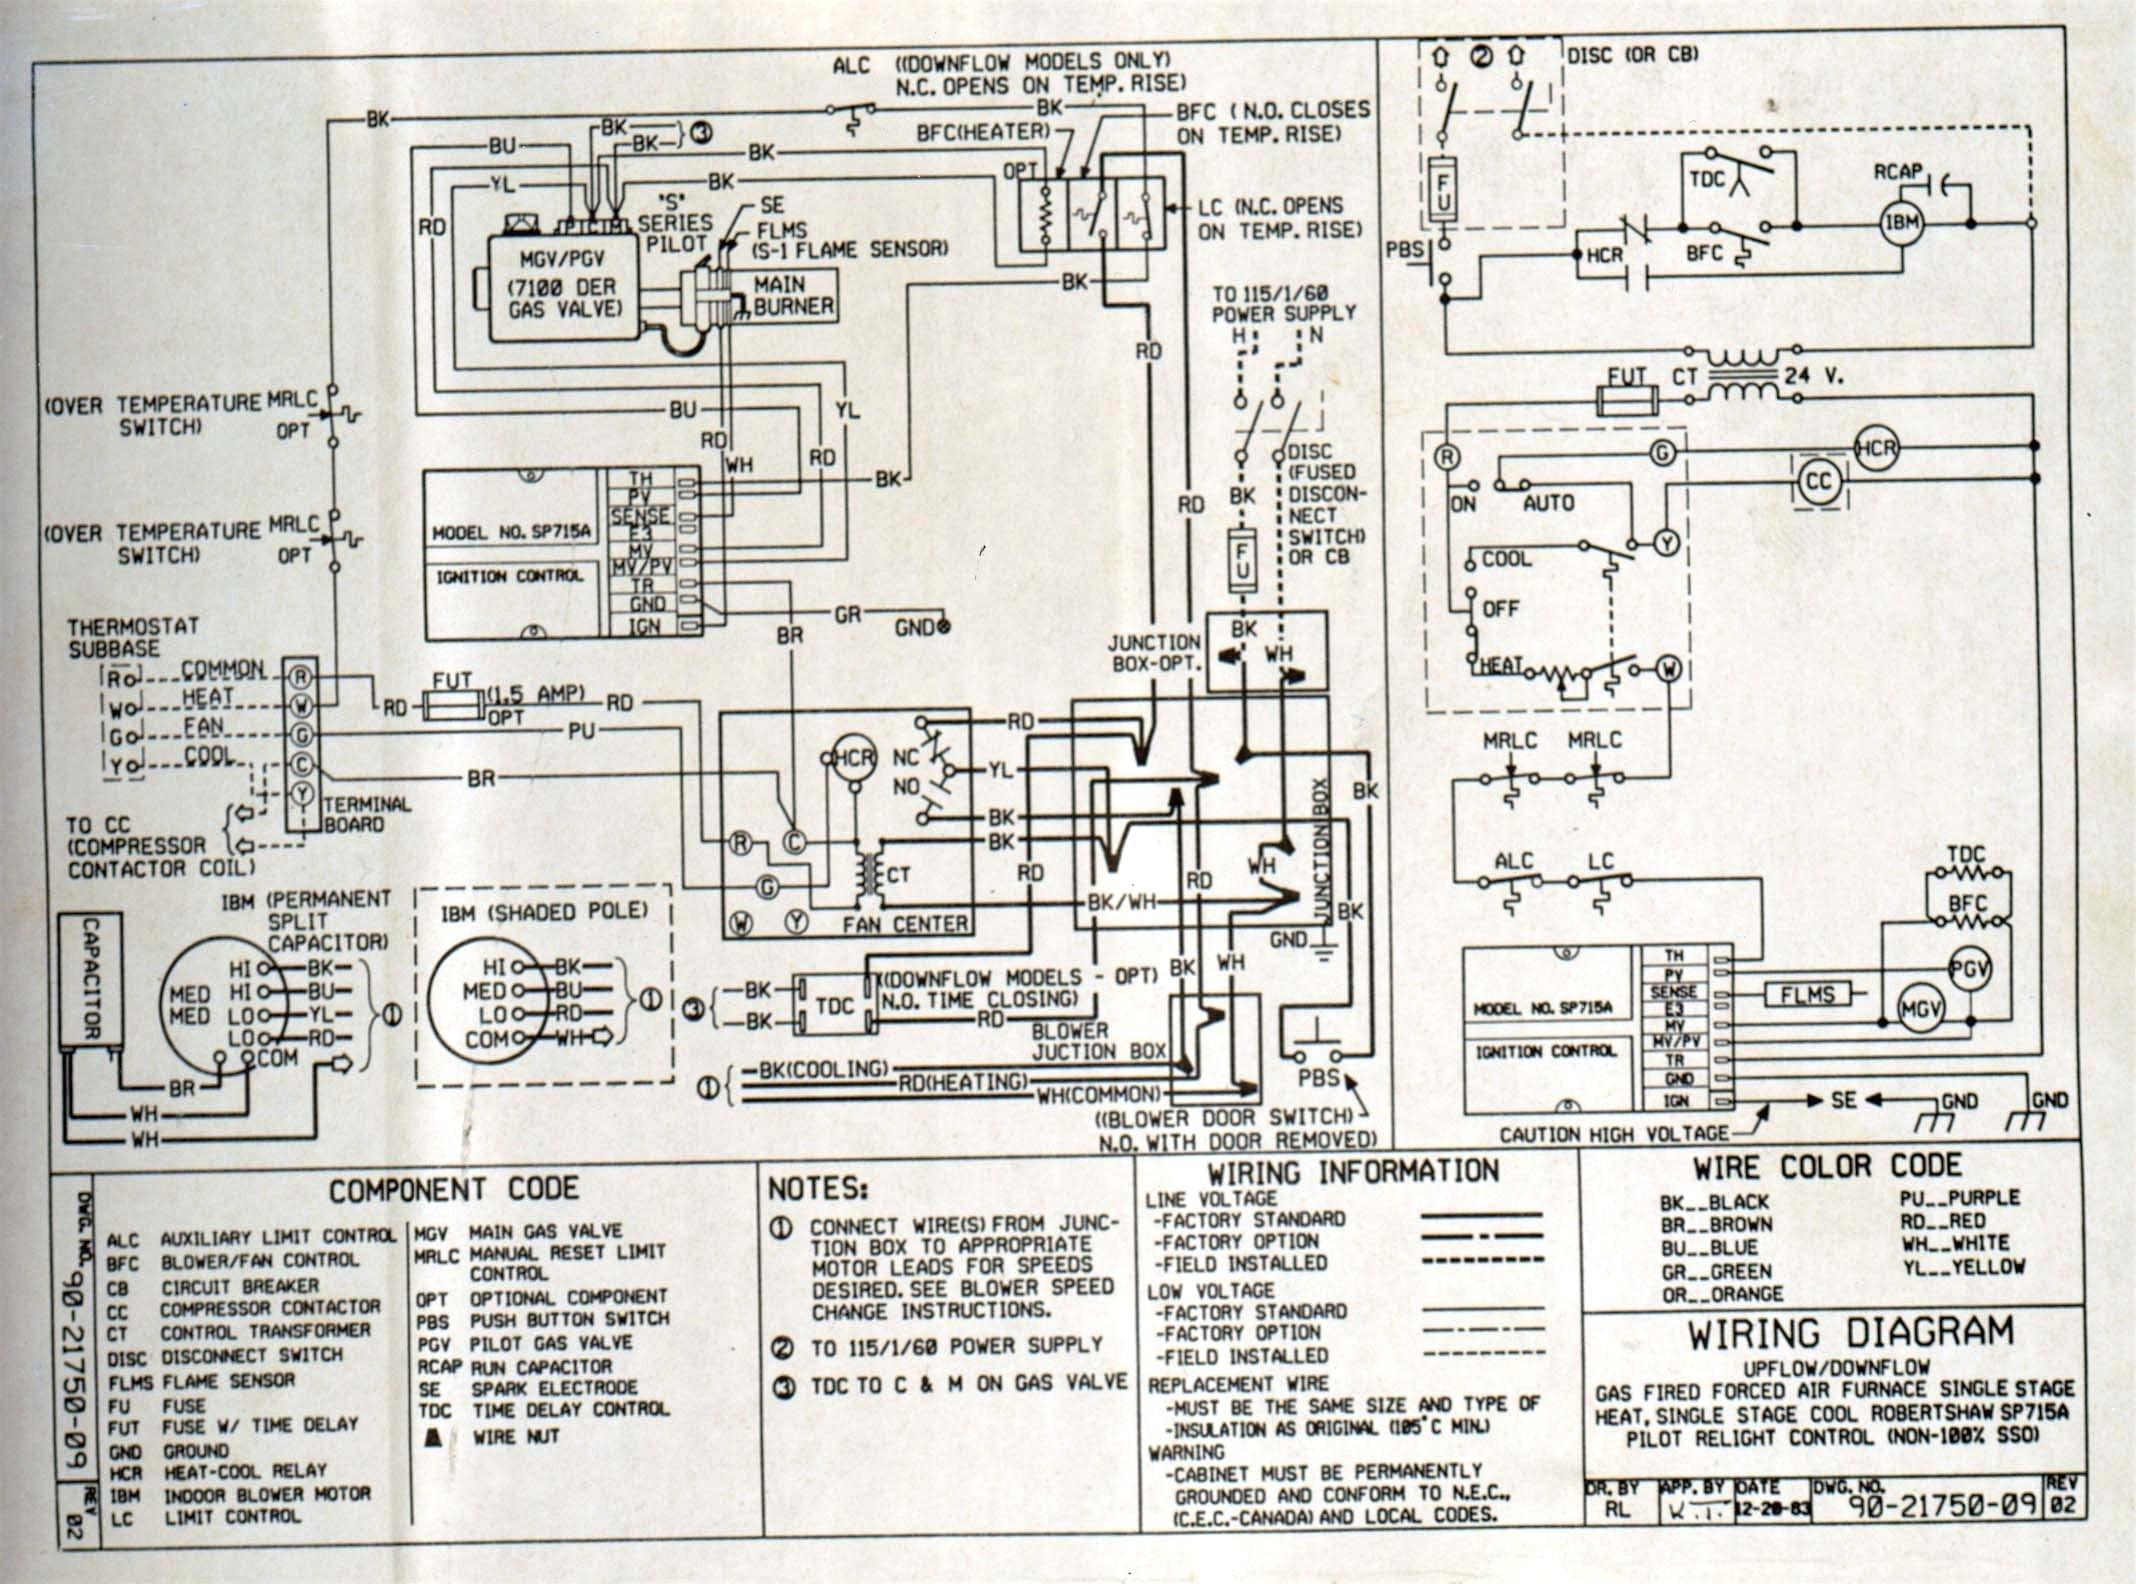 goodman electric furnace wiring diagram Collection-Payne Electric Furnace Wiring Diagram Inspirationa Payne Air Handler Wiring Diagram In Image Goodman Electric Lovely 9-f